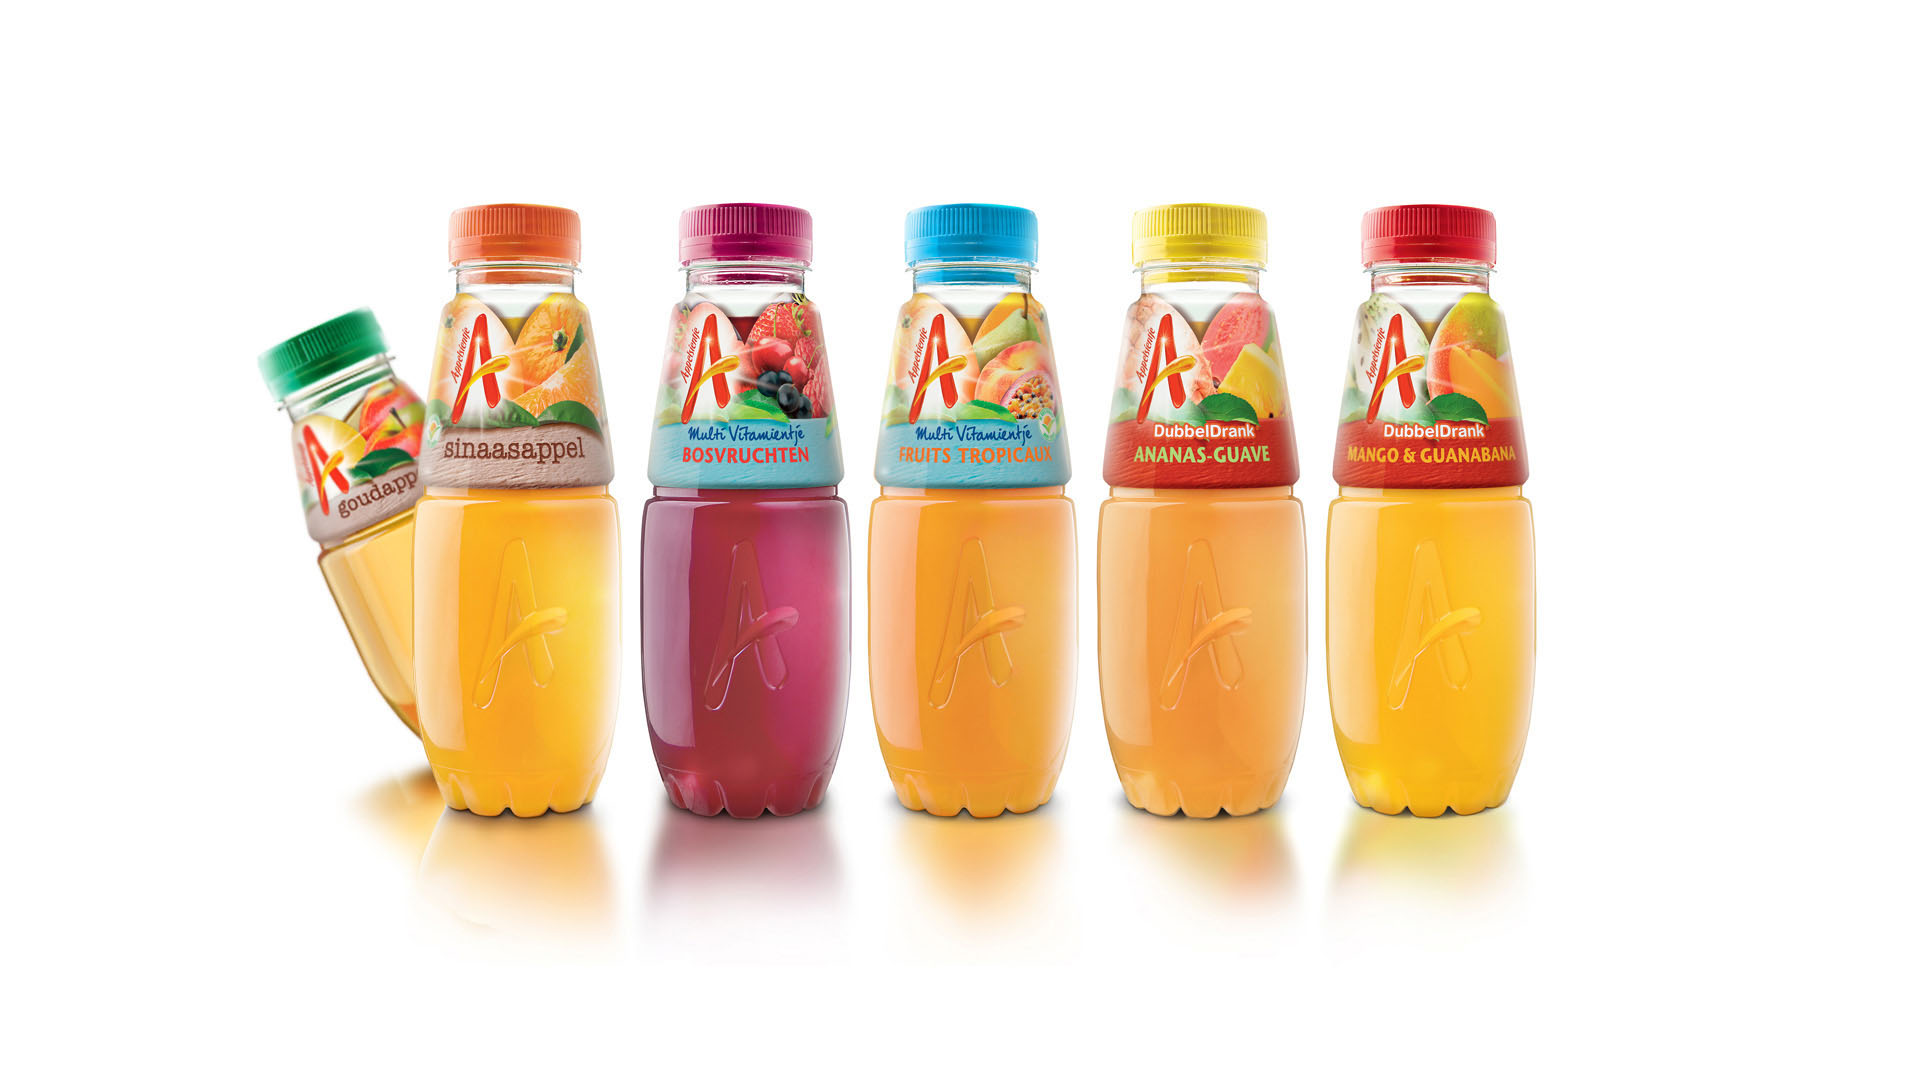 Appelsientje Juice Bottle Design